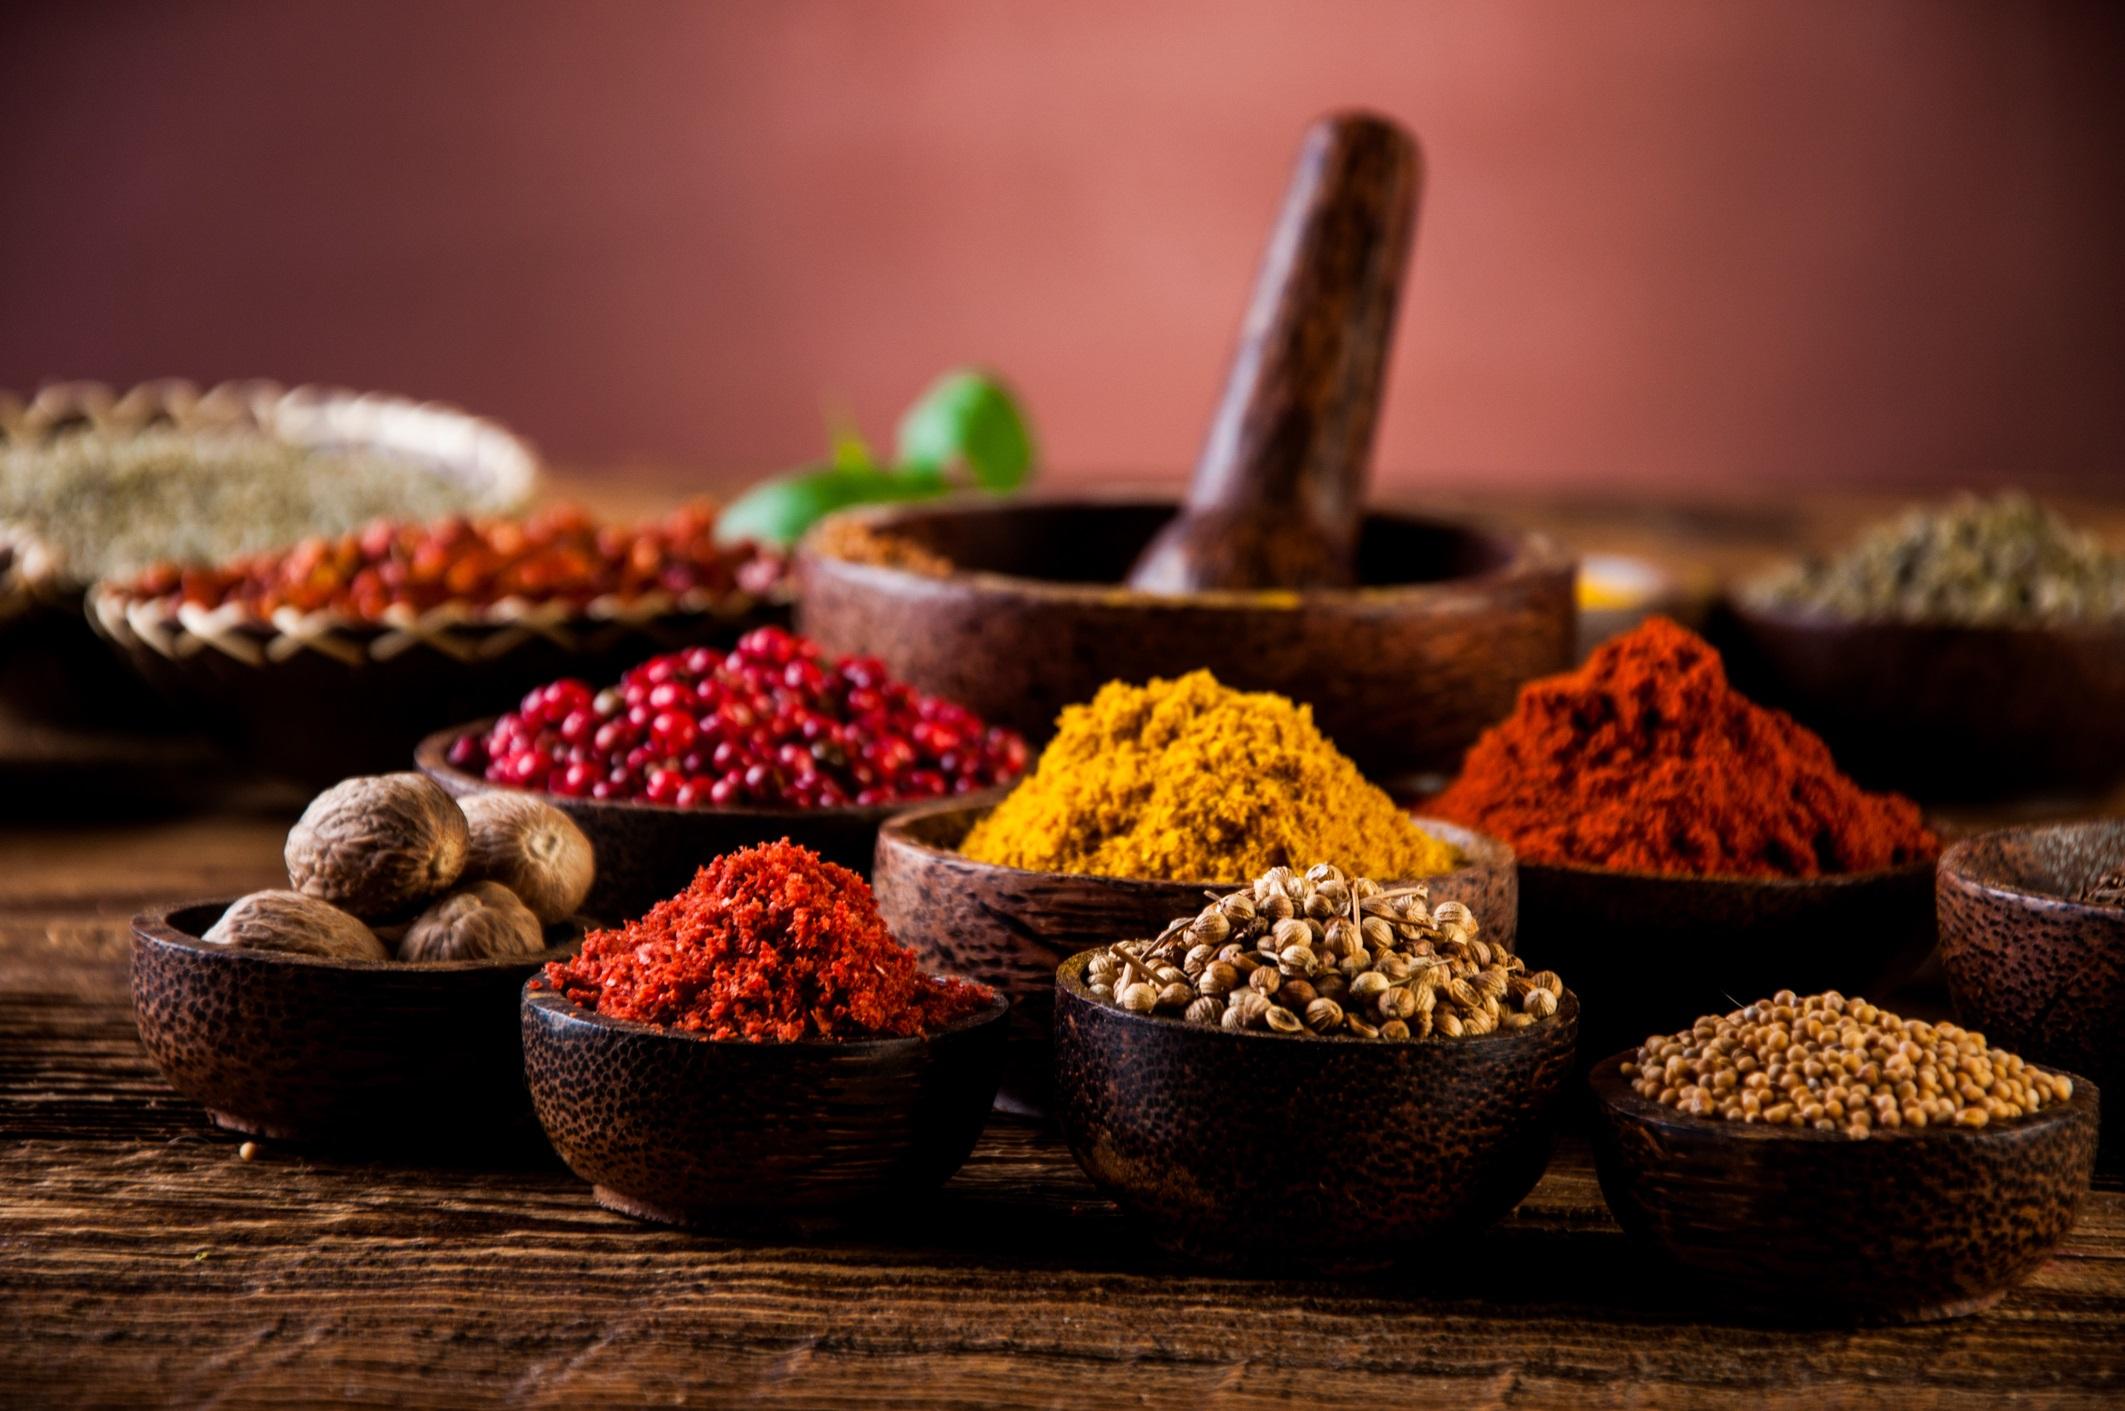 Curry Przyprawa Wlasciwosci I Zastosowanie Poradnikzdrowie Pl